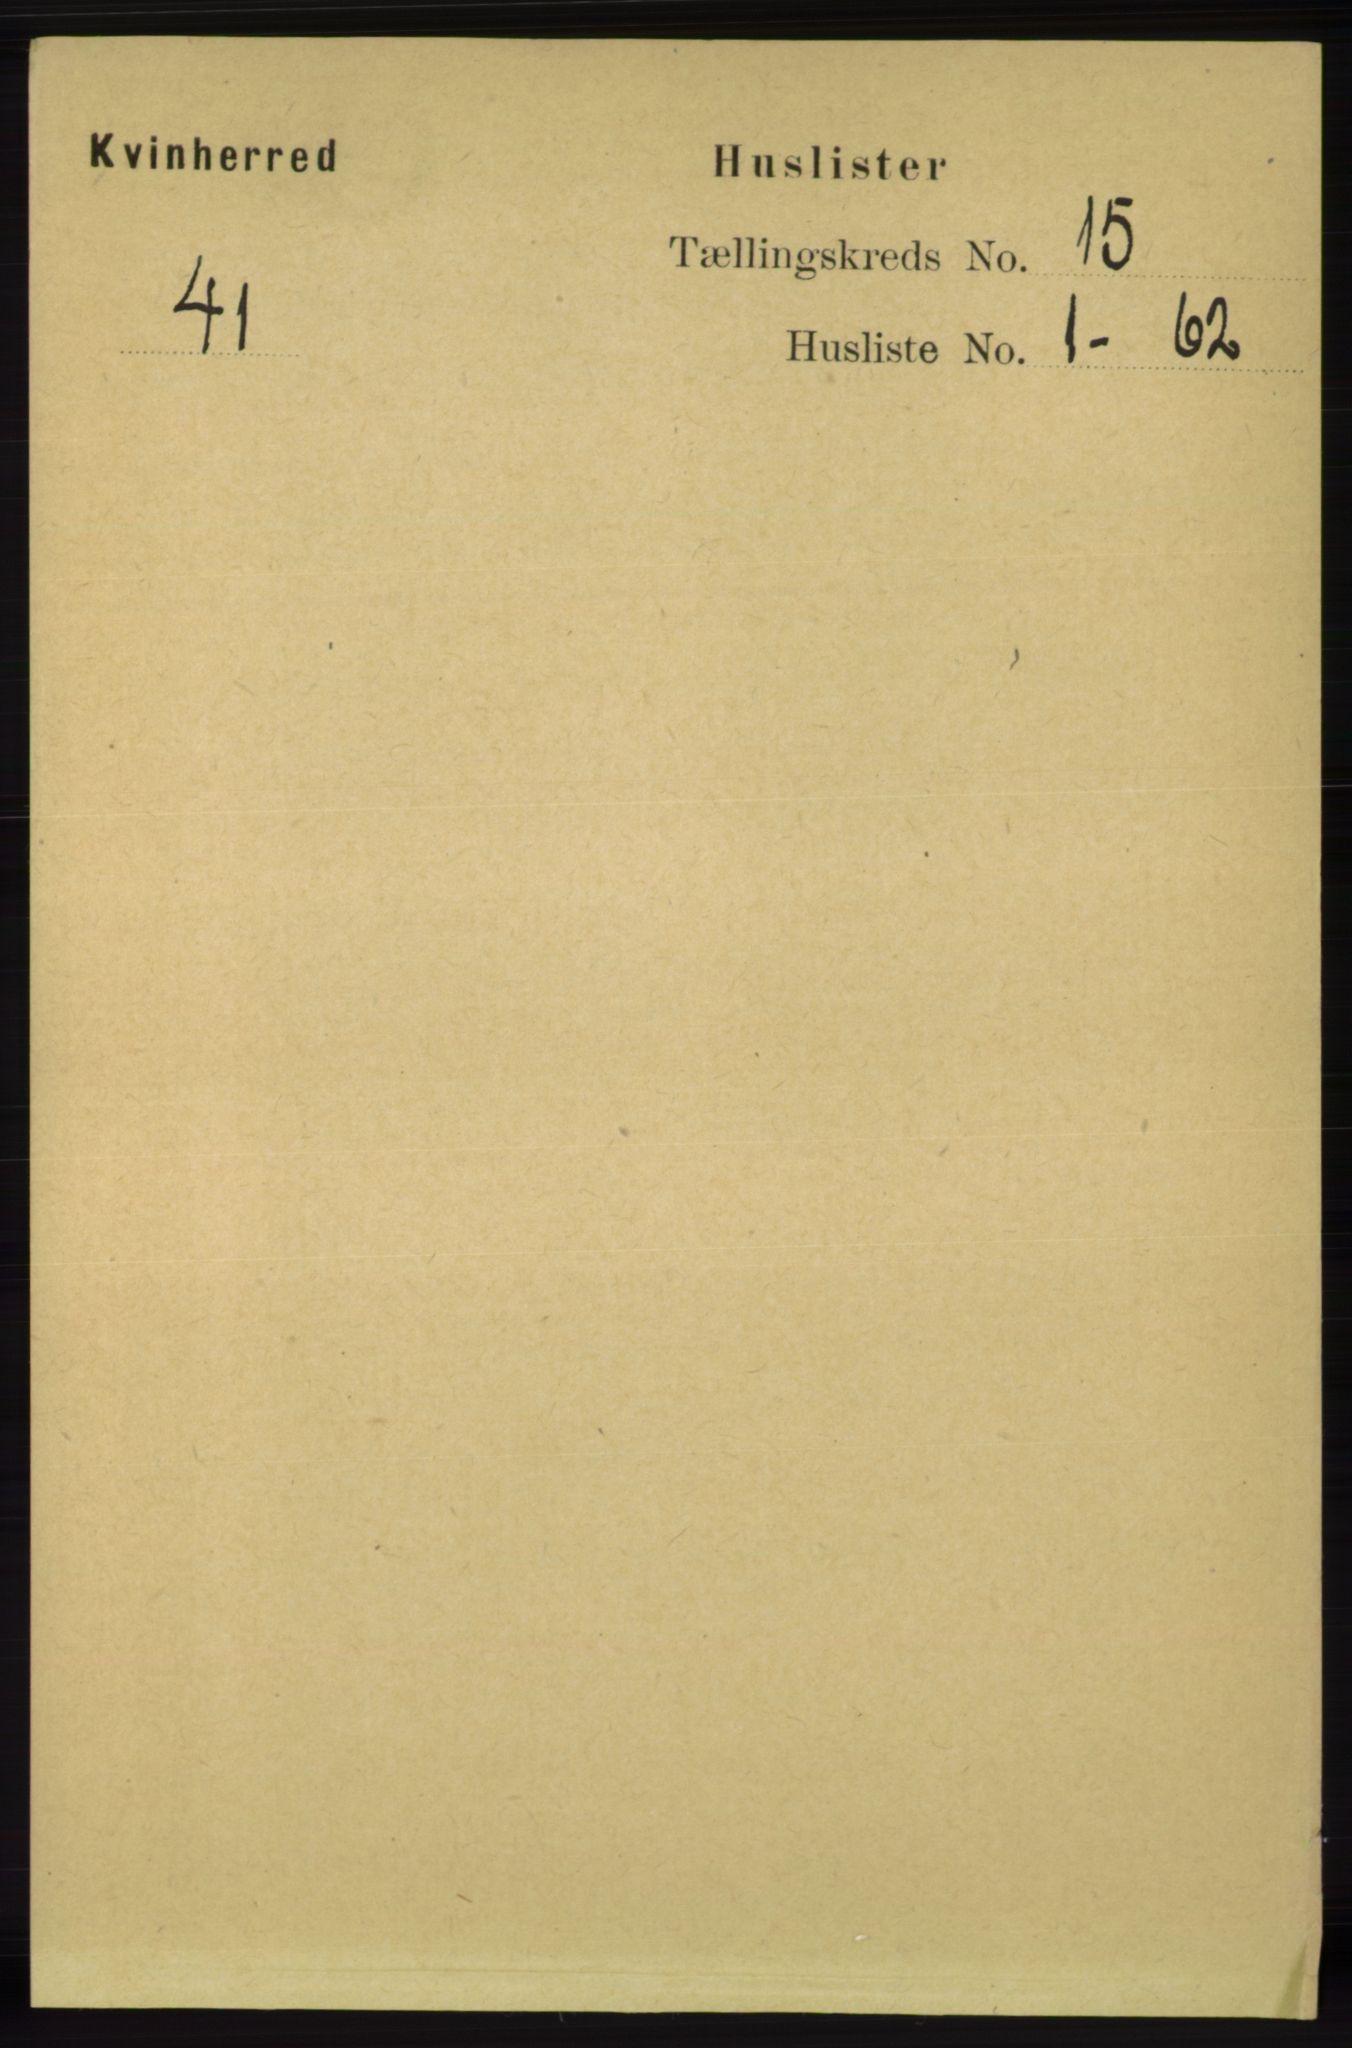 RA, Folketelling 1891 for 1224 Kvinnherad herred, 1891, s. 4953